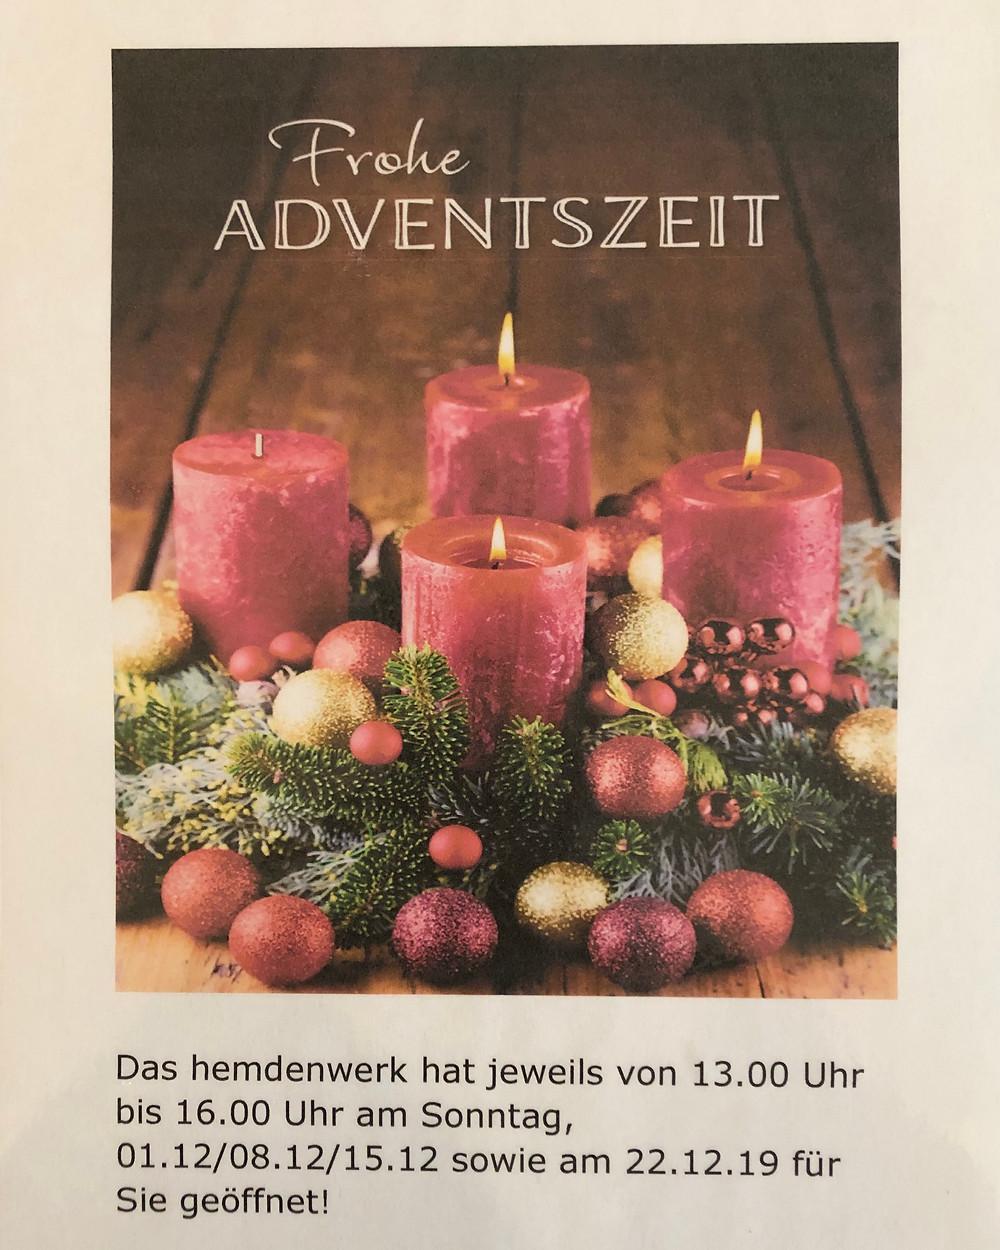 Frohe Adventszeit